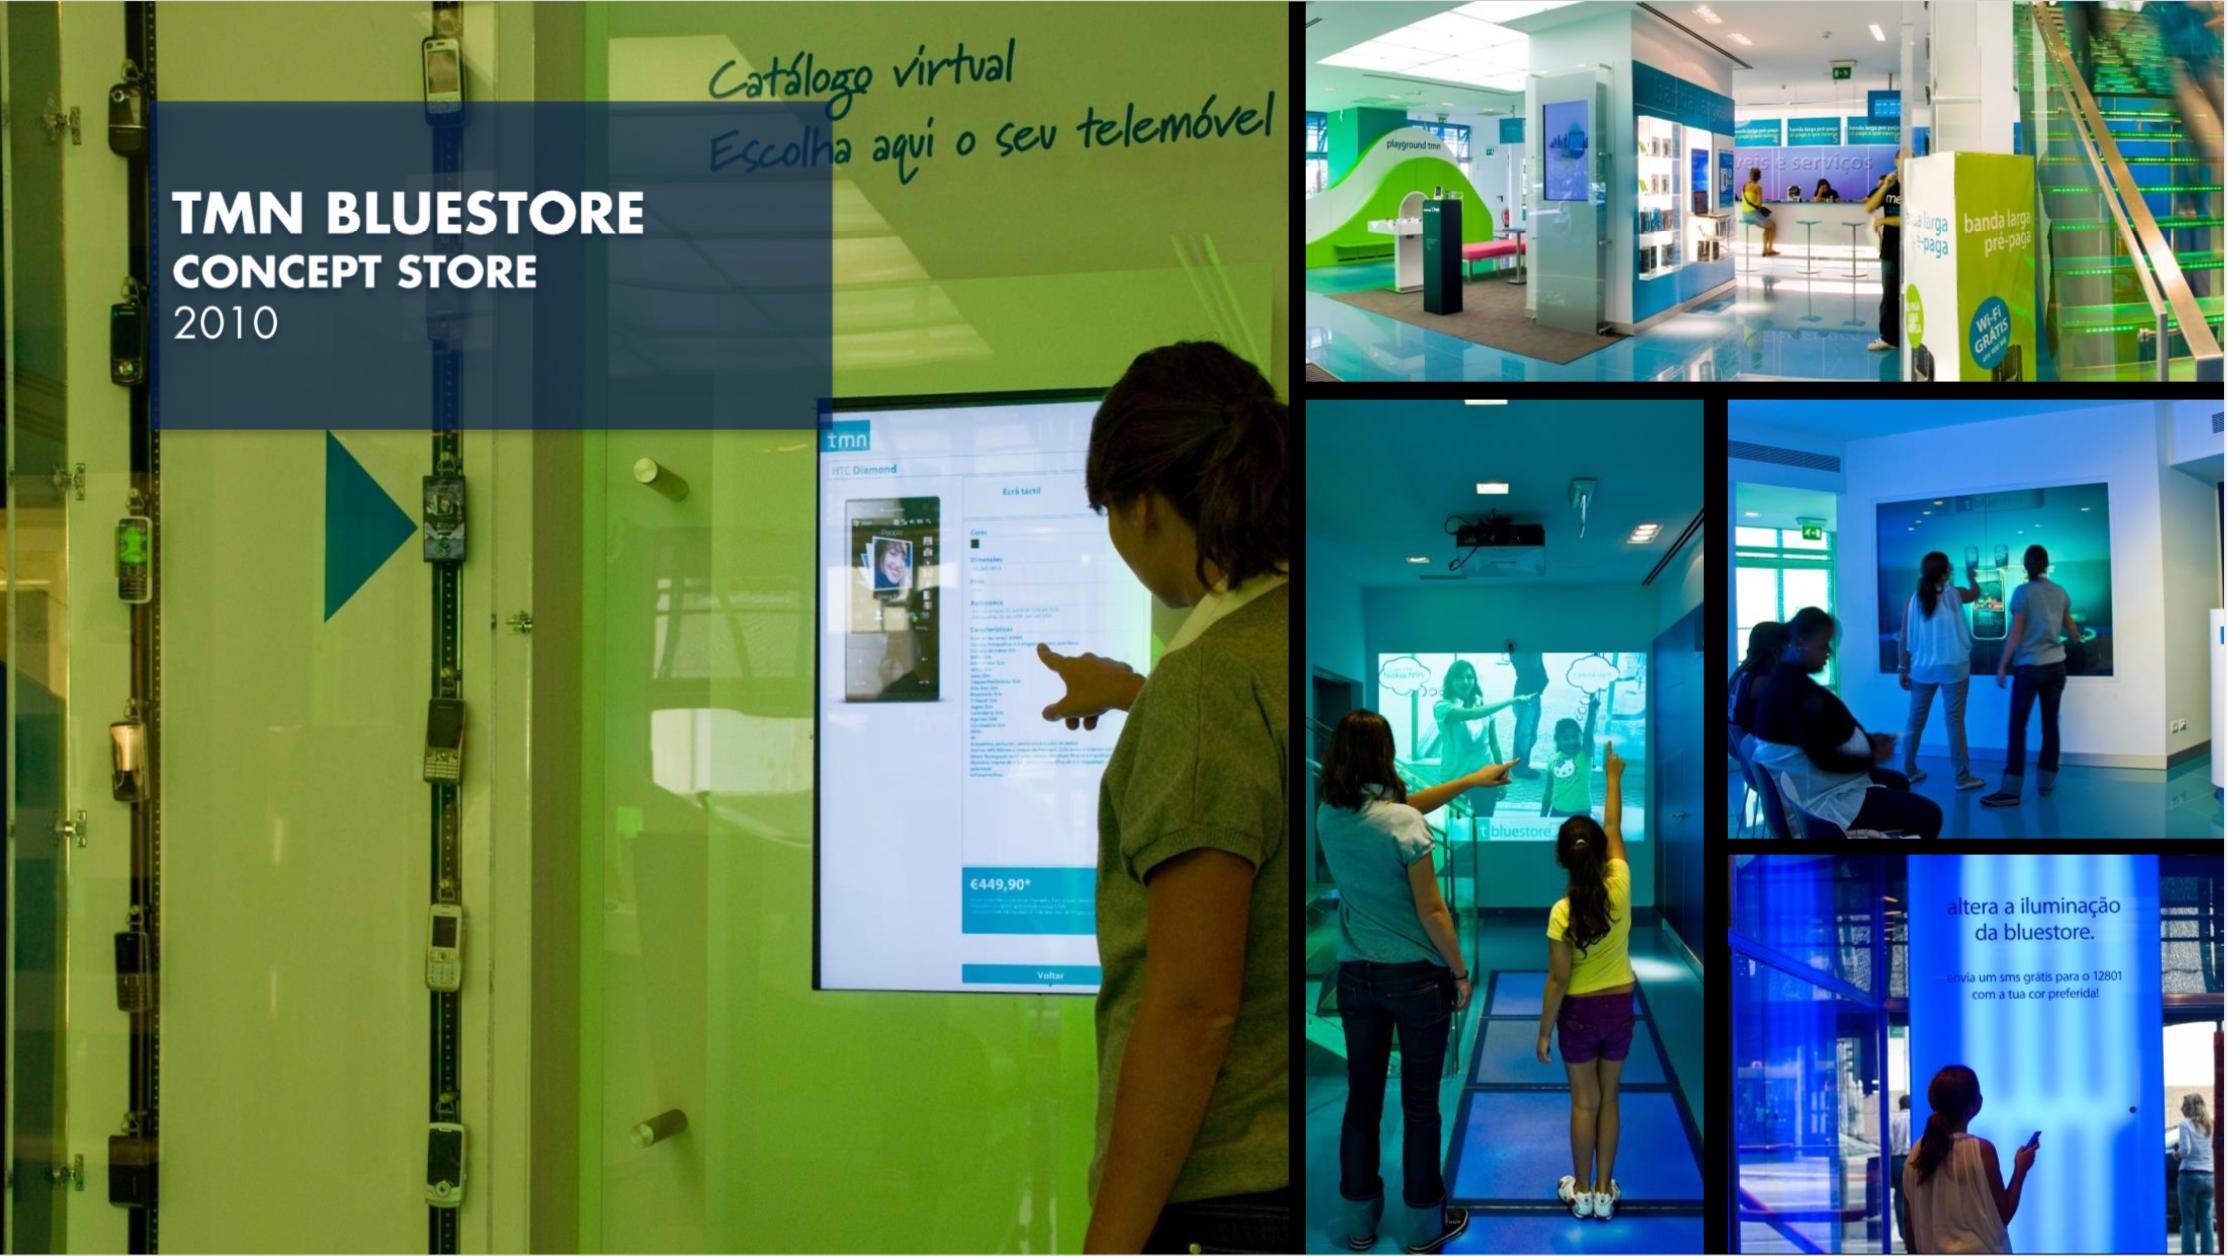 TMN Bluestore Concept Store